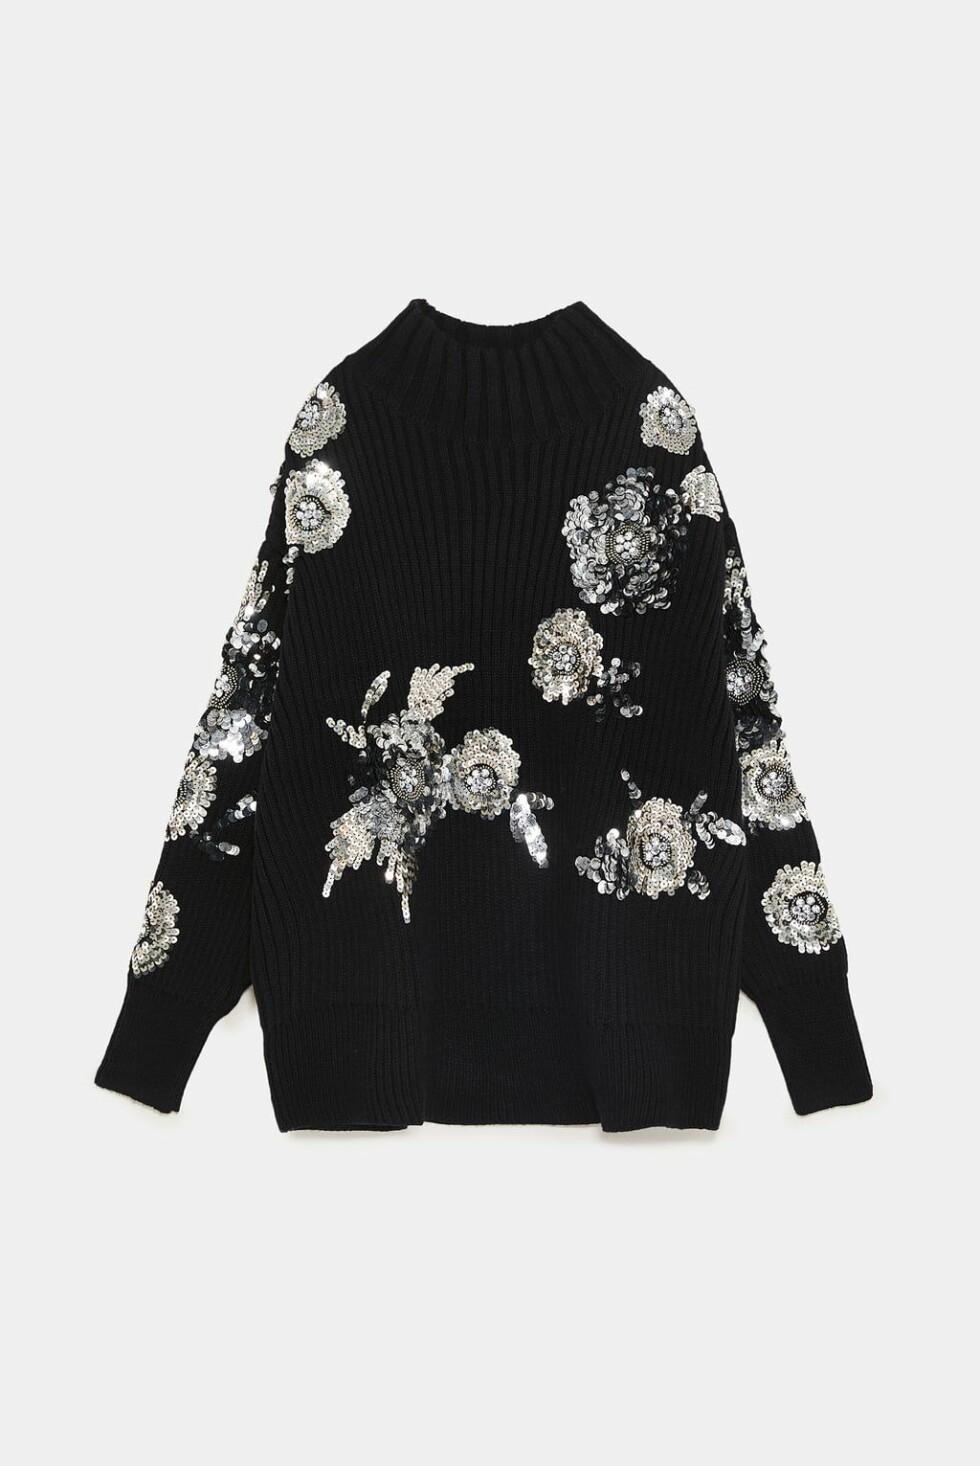 Genser fra Zara |650,-| https://www.zara.com/no/no/genser-med-blomster-og-paljetter-p06206100.html?v1=7767465&v2=1074660